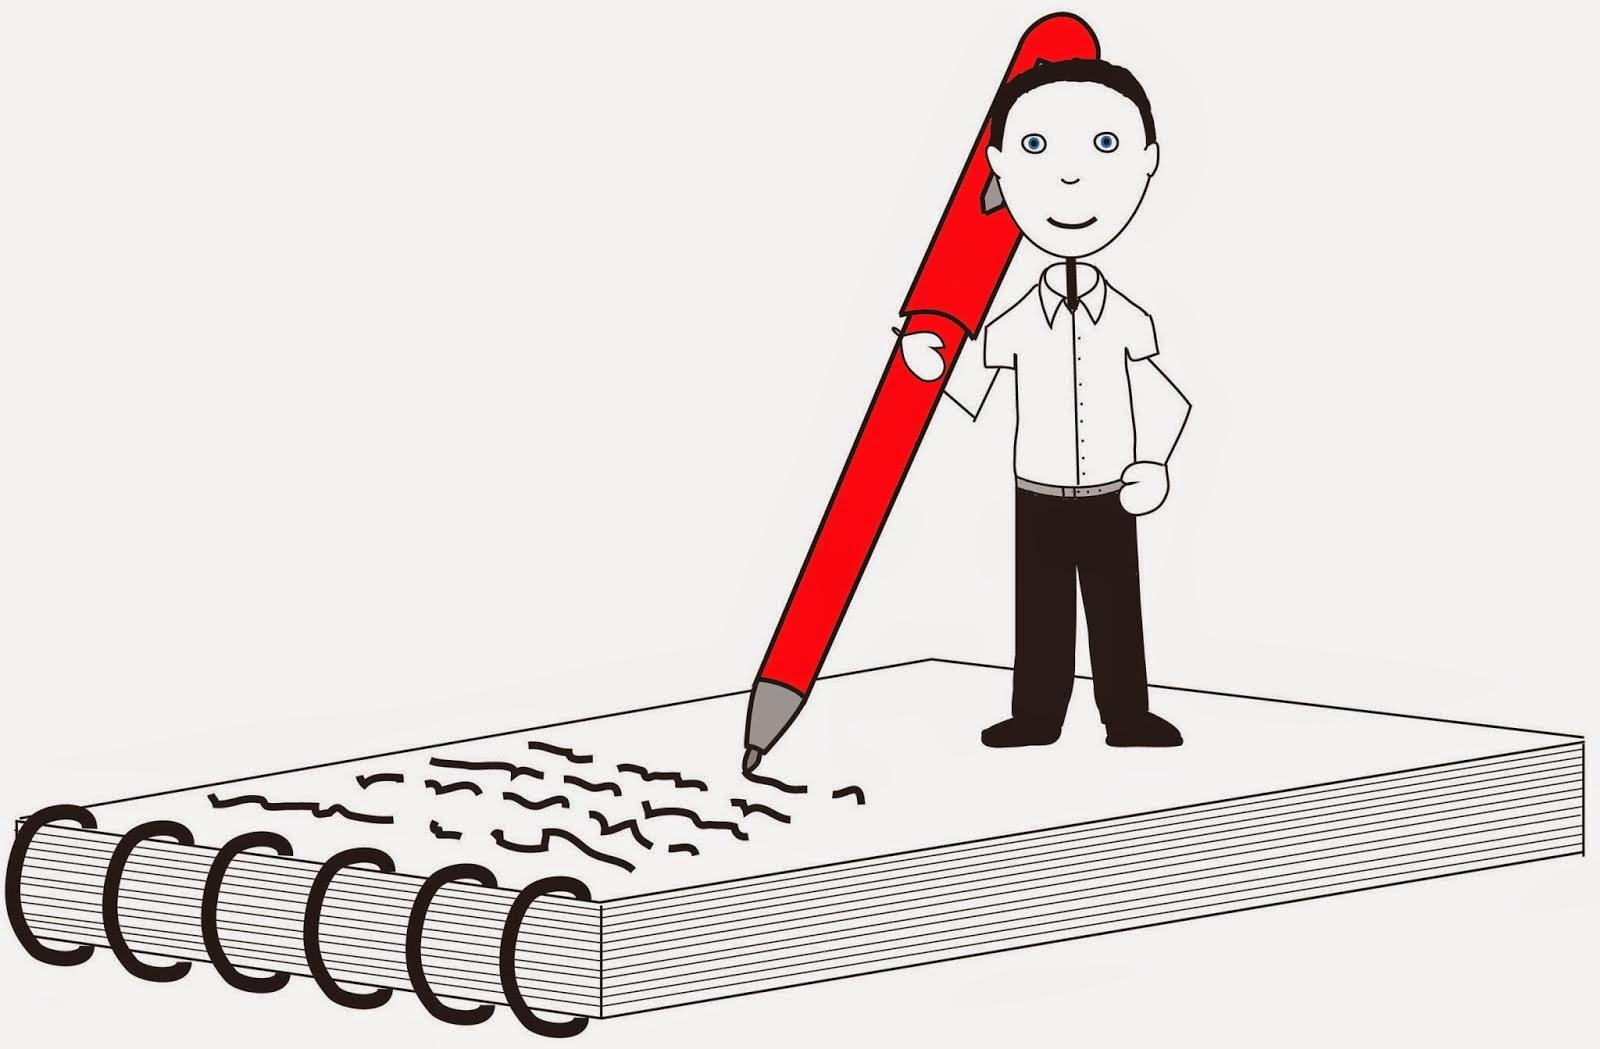 Quy tắc viết bài PR theo tiêu chuẩn câu chữ | Quảng Cáo Siêu Tốc.Com